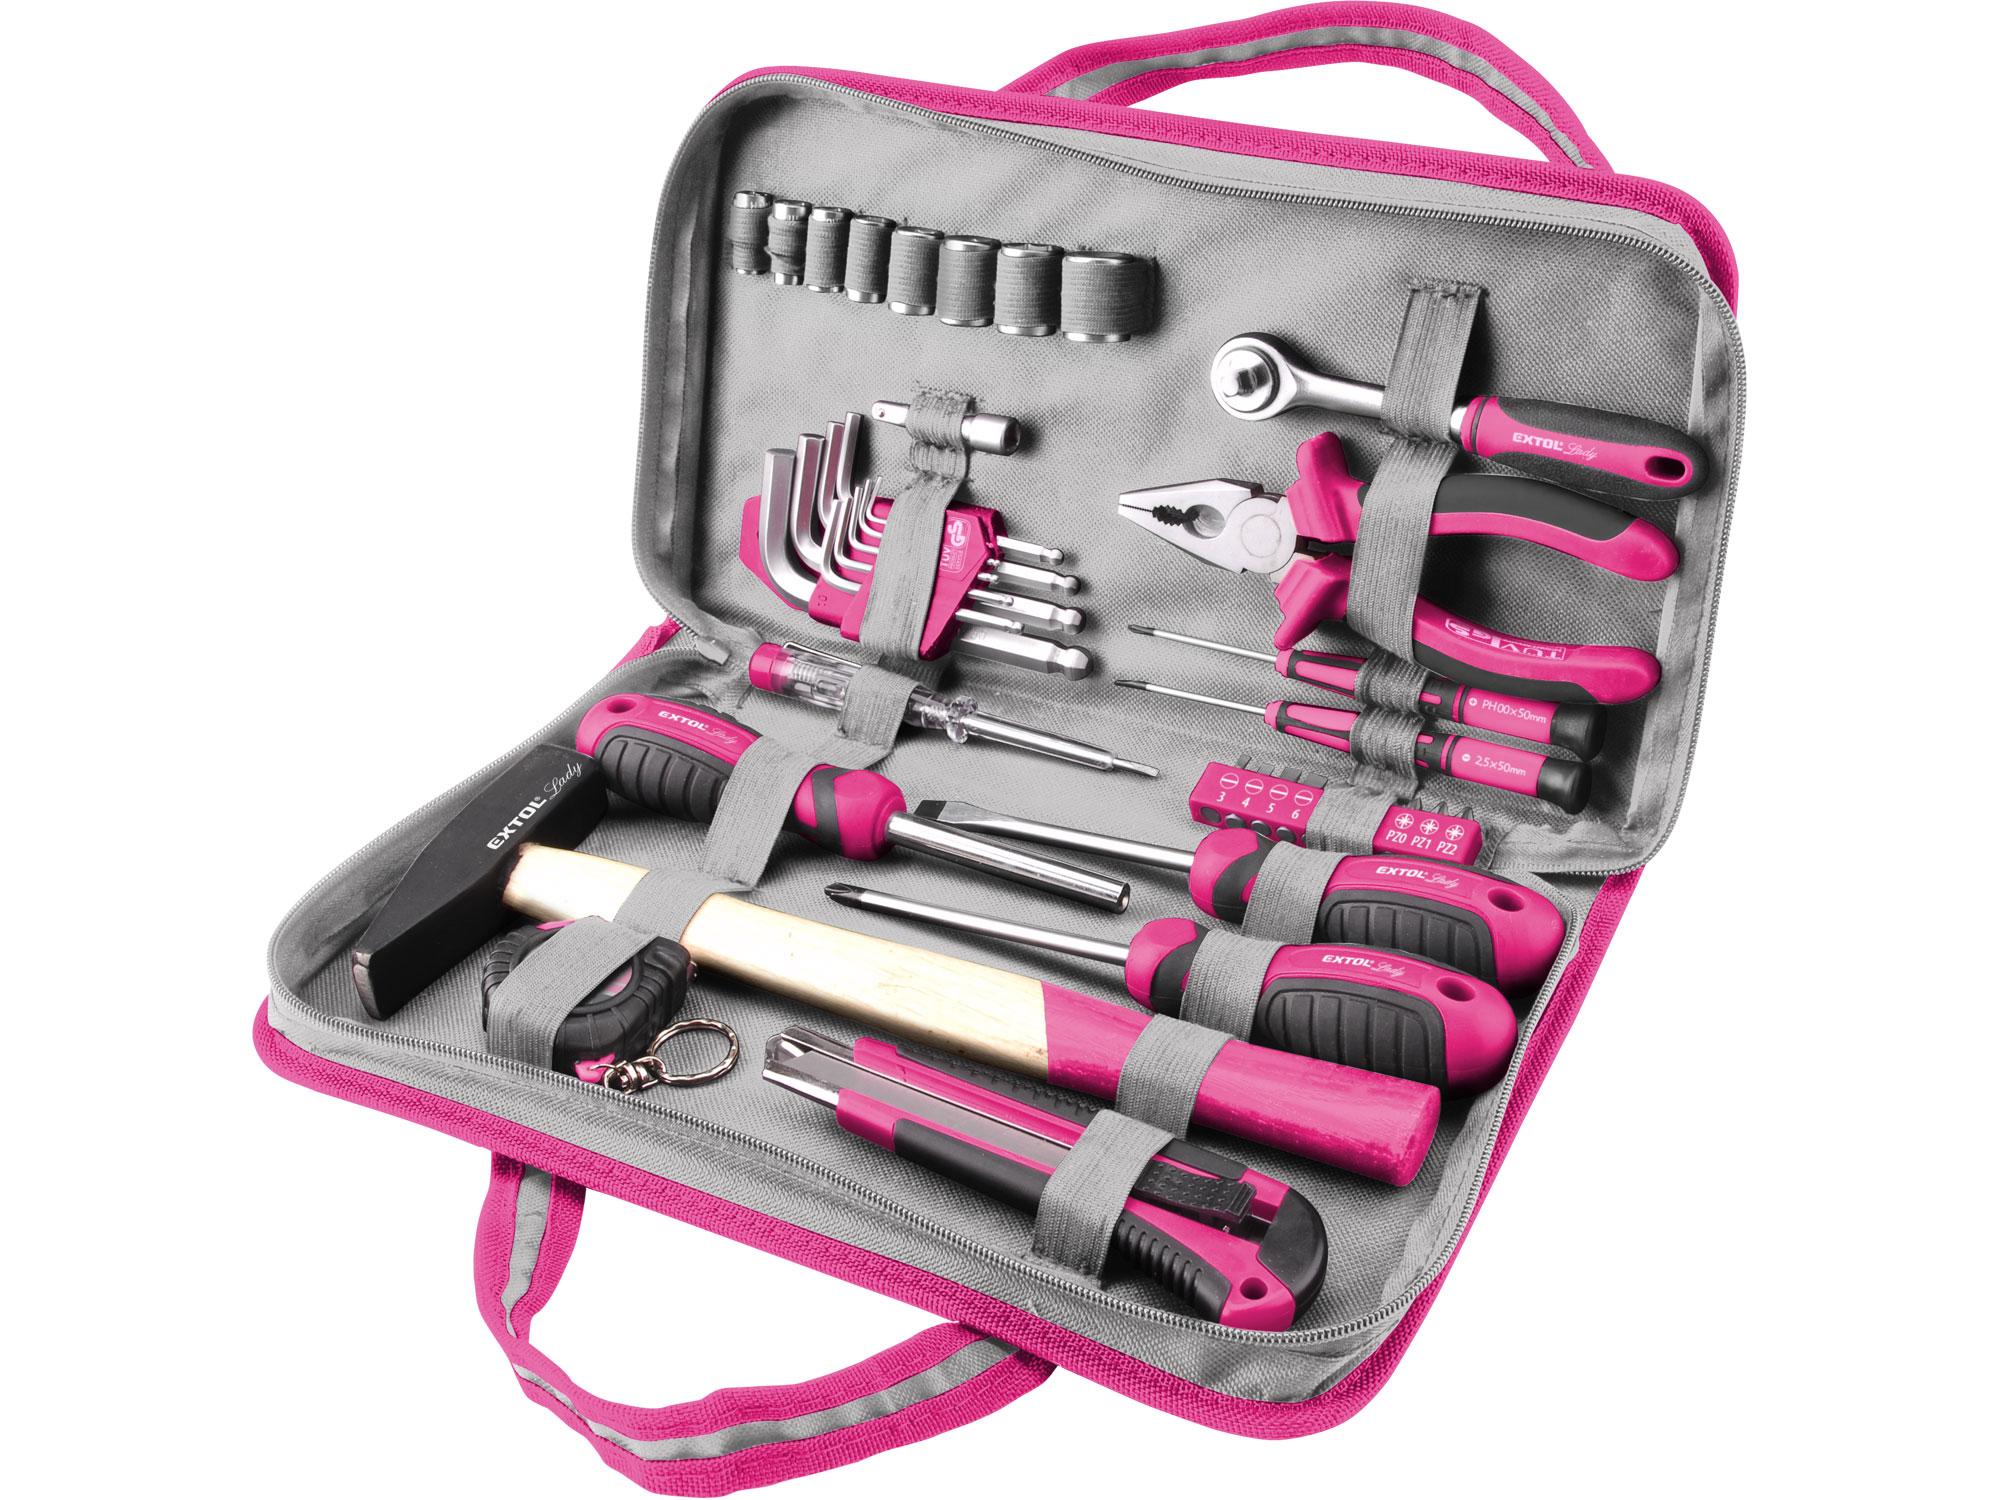 39pcs Tools Set , Pink Colour